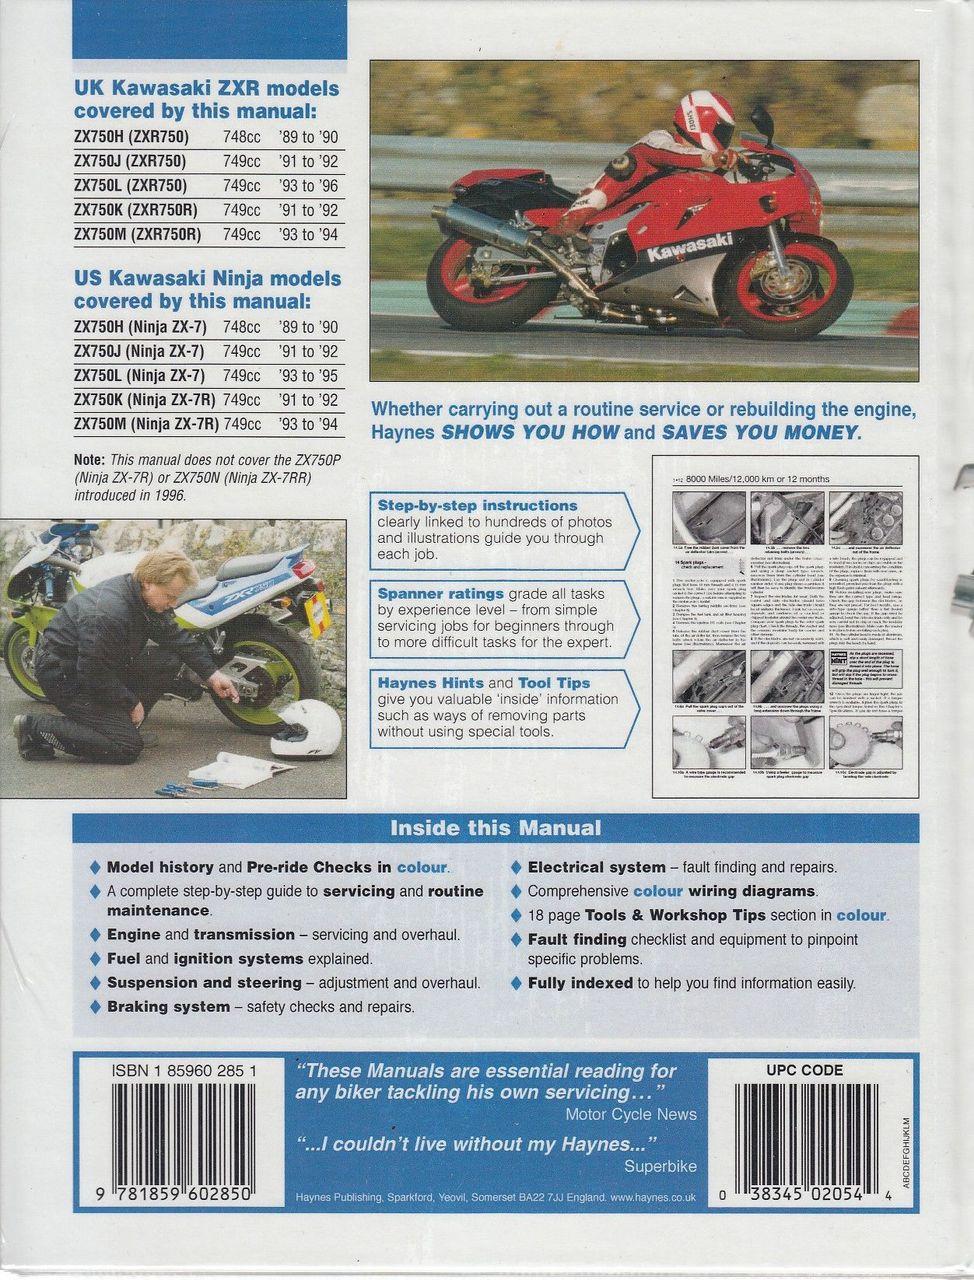 medium resolution of  kawasaki zx750 ninja zx 7 and zxr750 fours 1989 1996 workshop manual